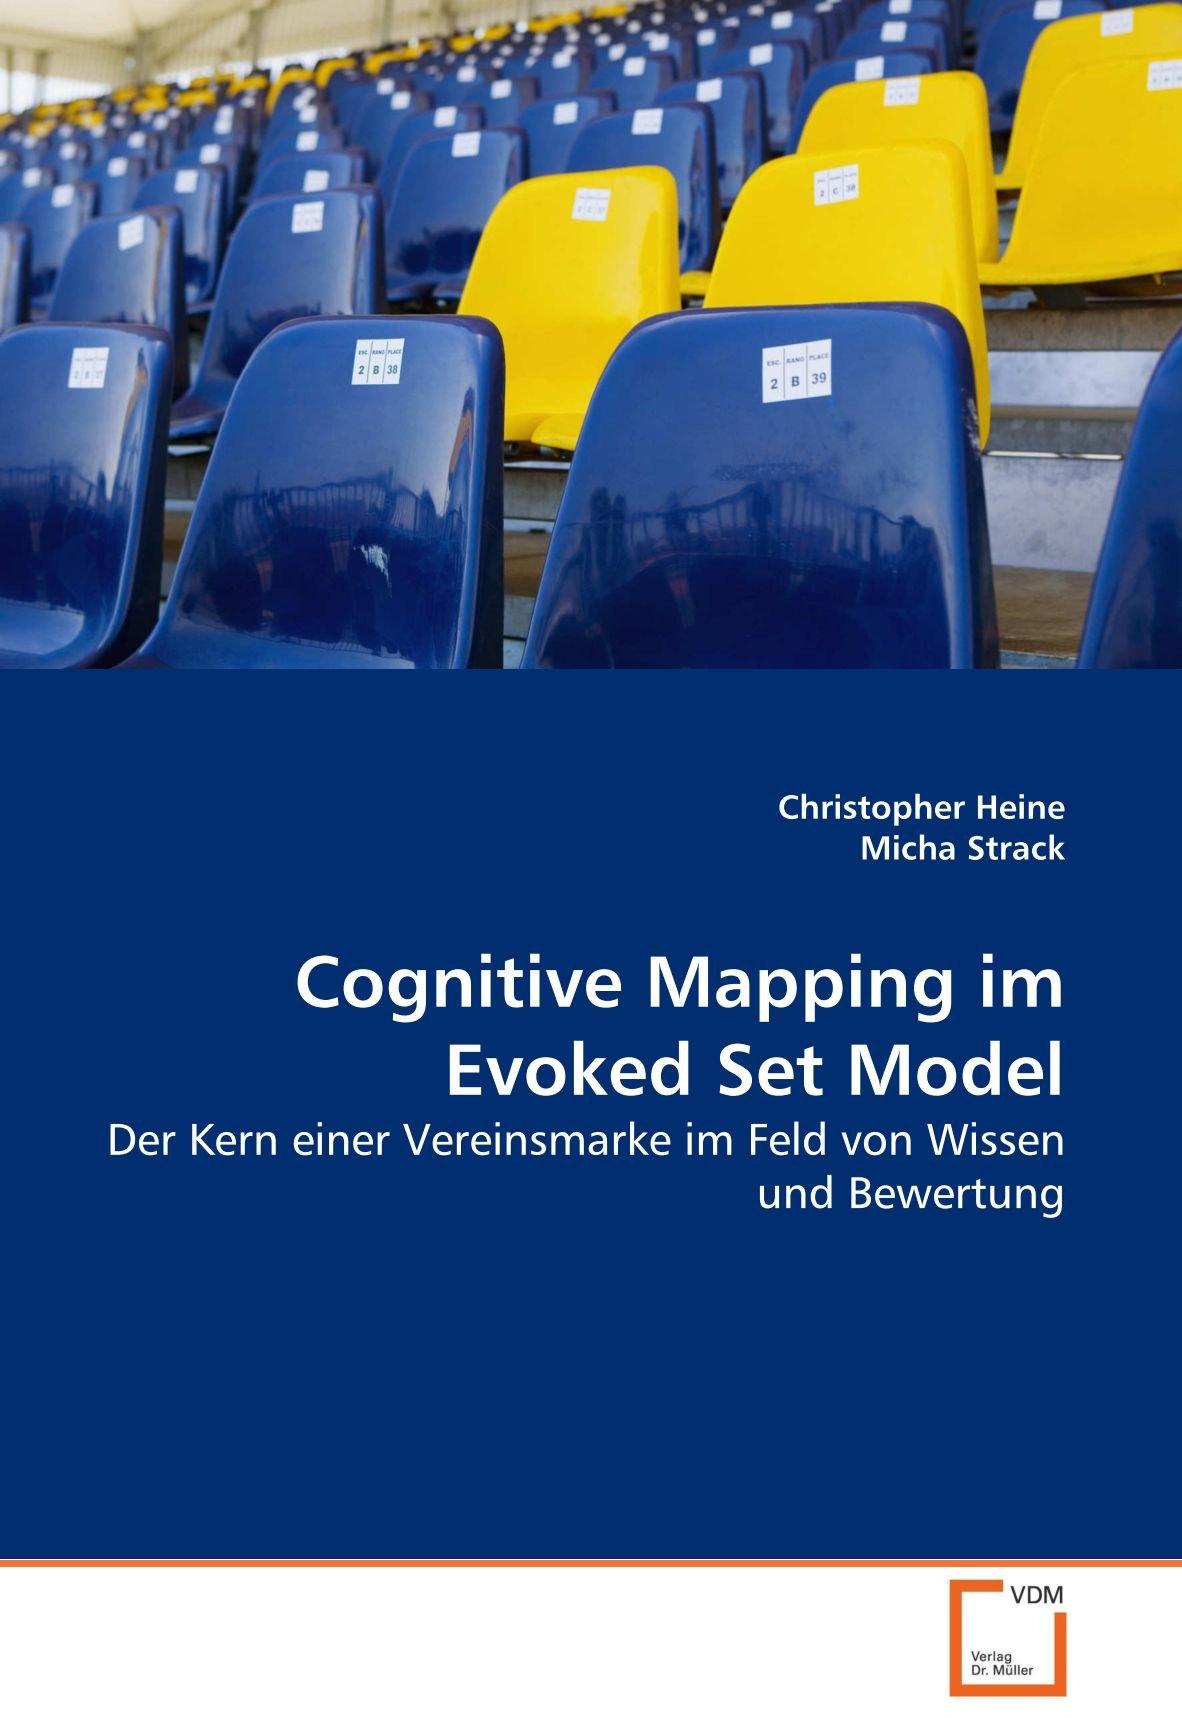 Cognitive Mapping Im Evoked Set Model: Der Kern Einer Vereinsmarke Im Feld  Von Wissen Und Bewertung (German Edition): Christopher Heine, Micha Strack:  ...